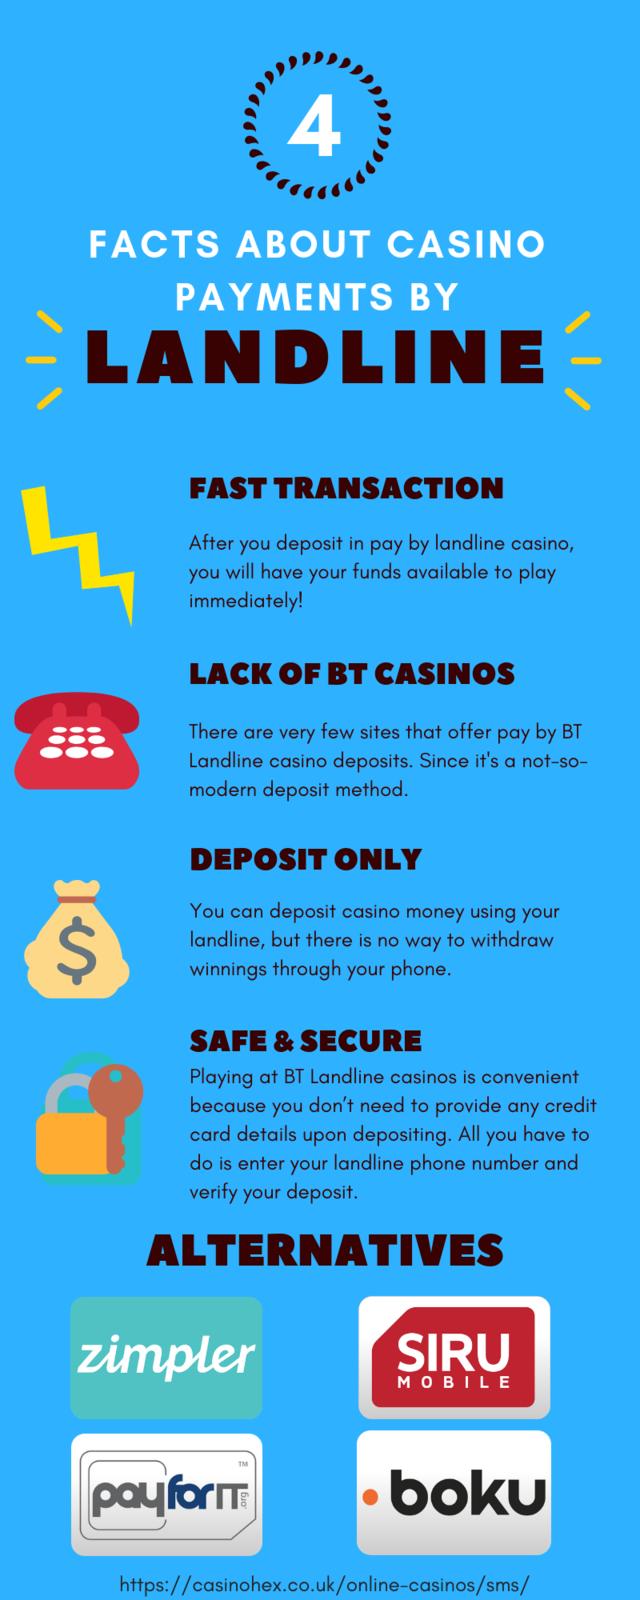 Landline casino features infographic